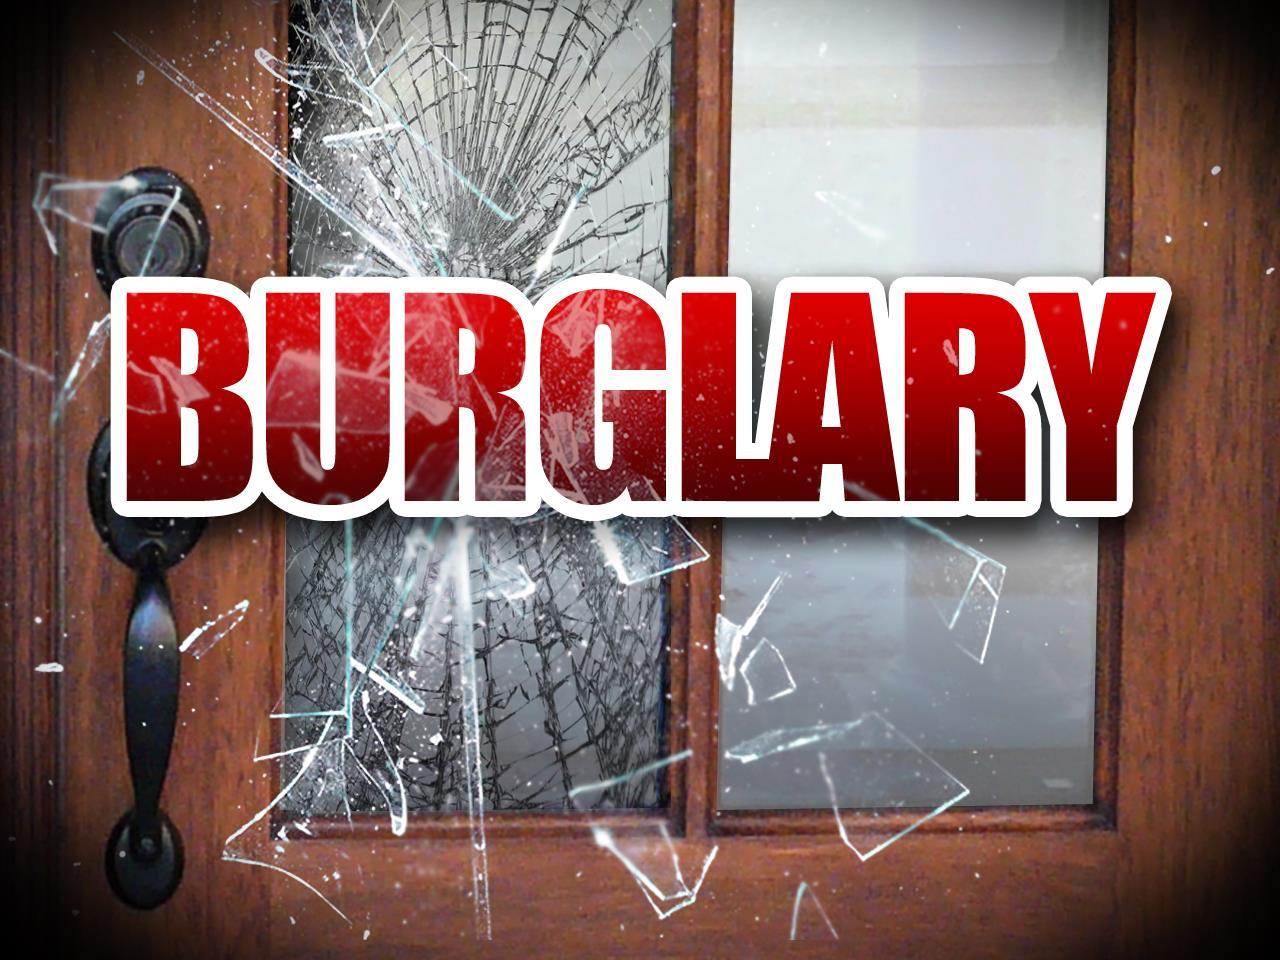 Burglary_335954